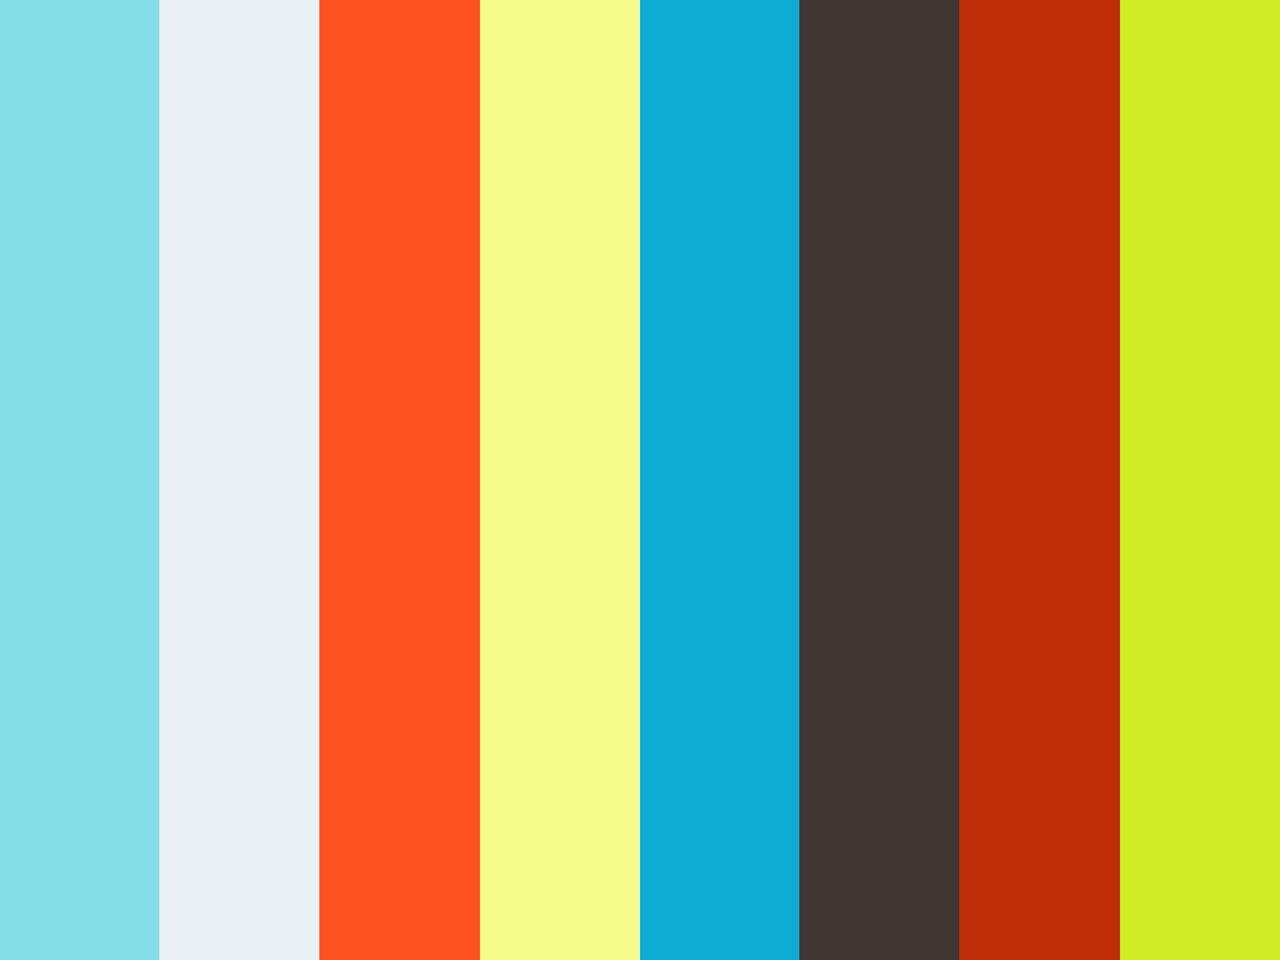 Blaesbjerg.com til kaffen - Brug GIF i dine nyhedsbreve, skab liv